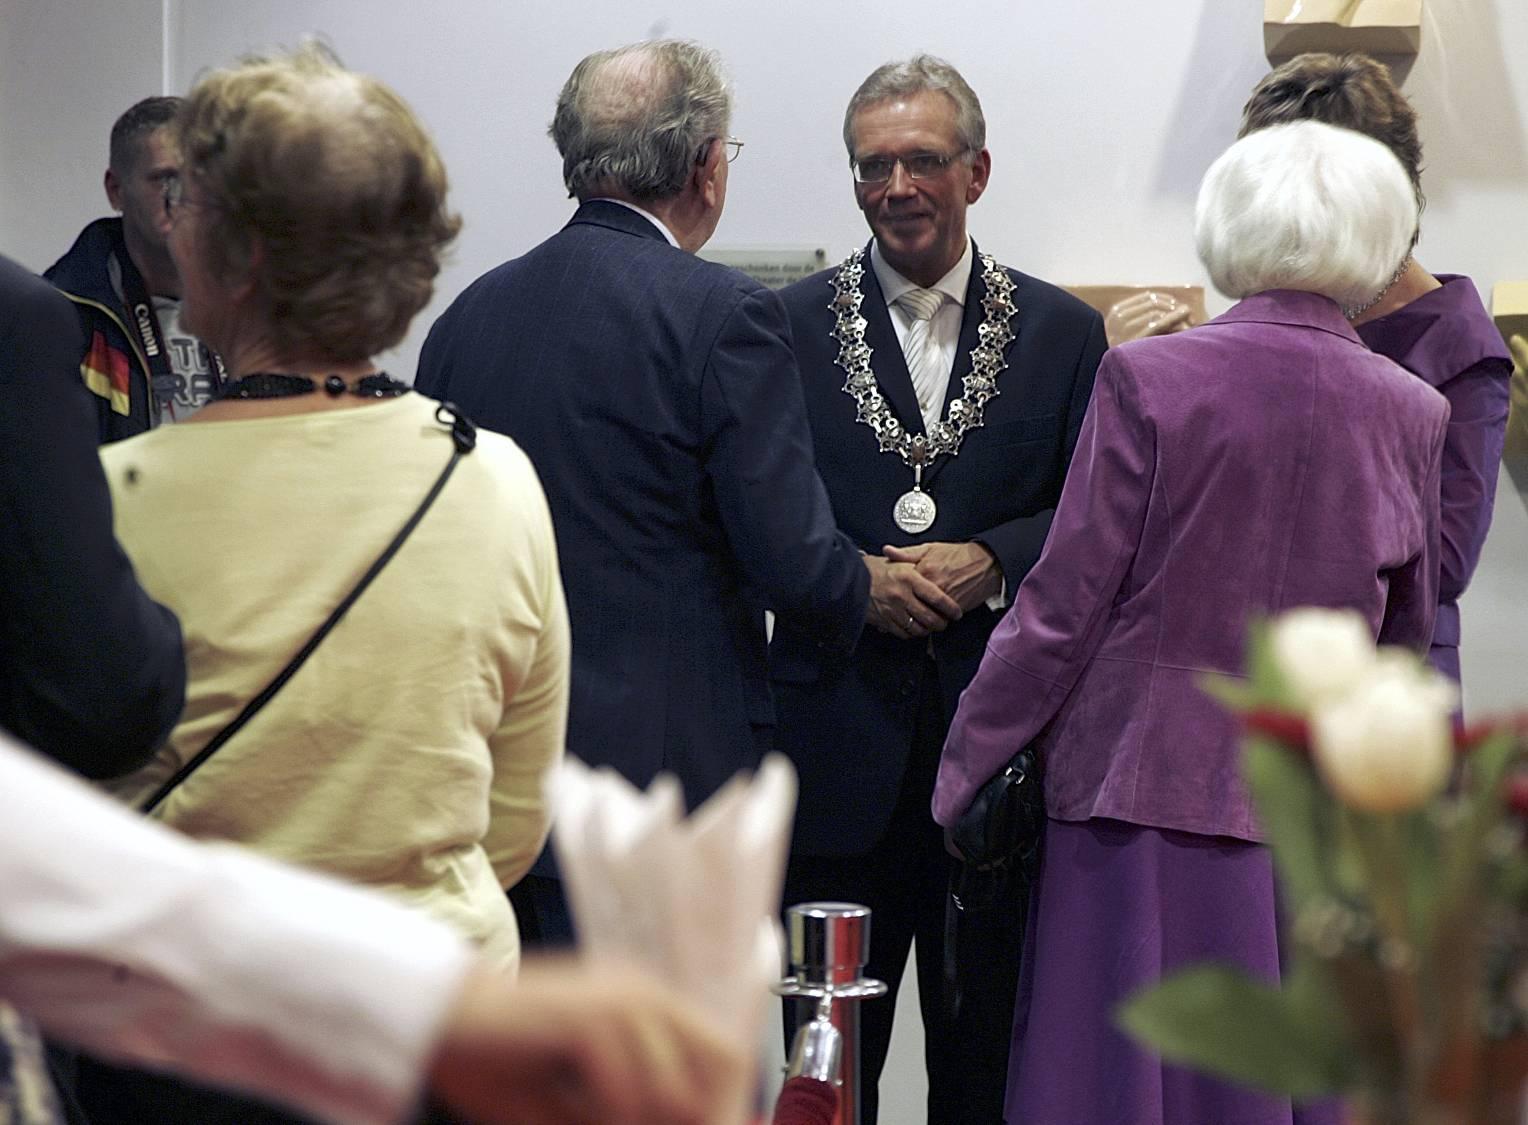 Alkmaarse raad zwaait burgemeester Bruinooge 23 september al uit tijdens buitengewone vergadering in de Grote Kerk